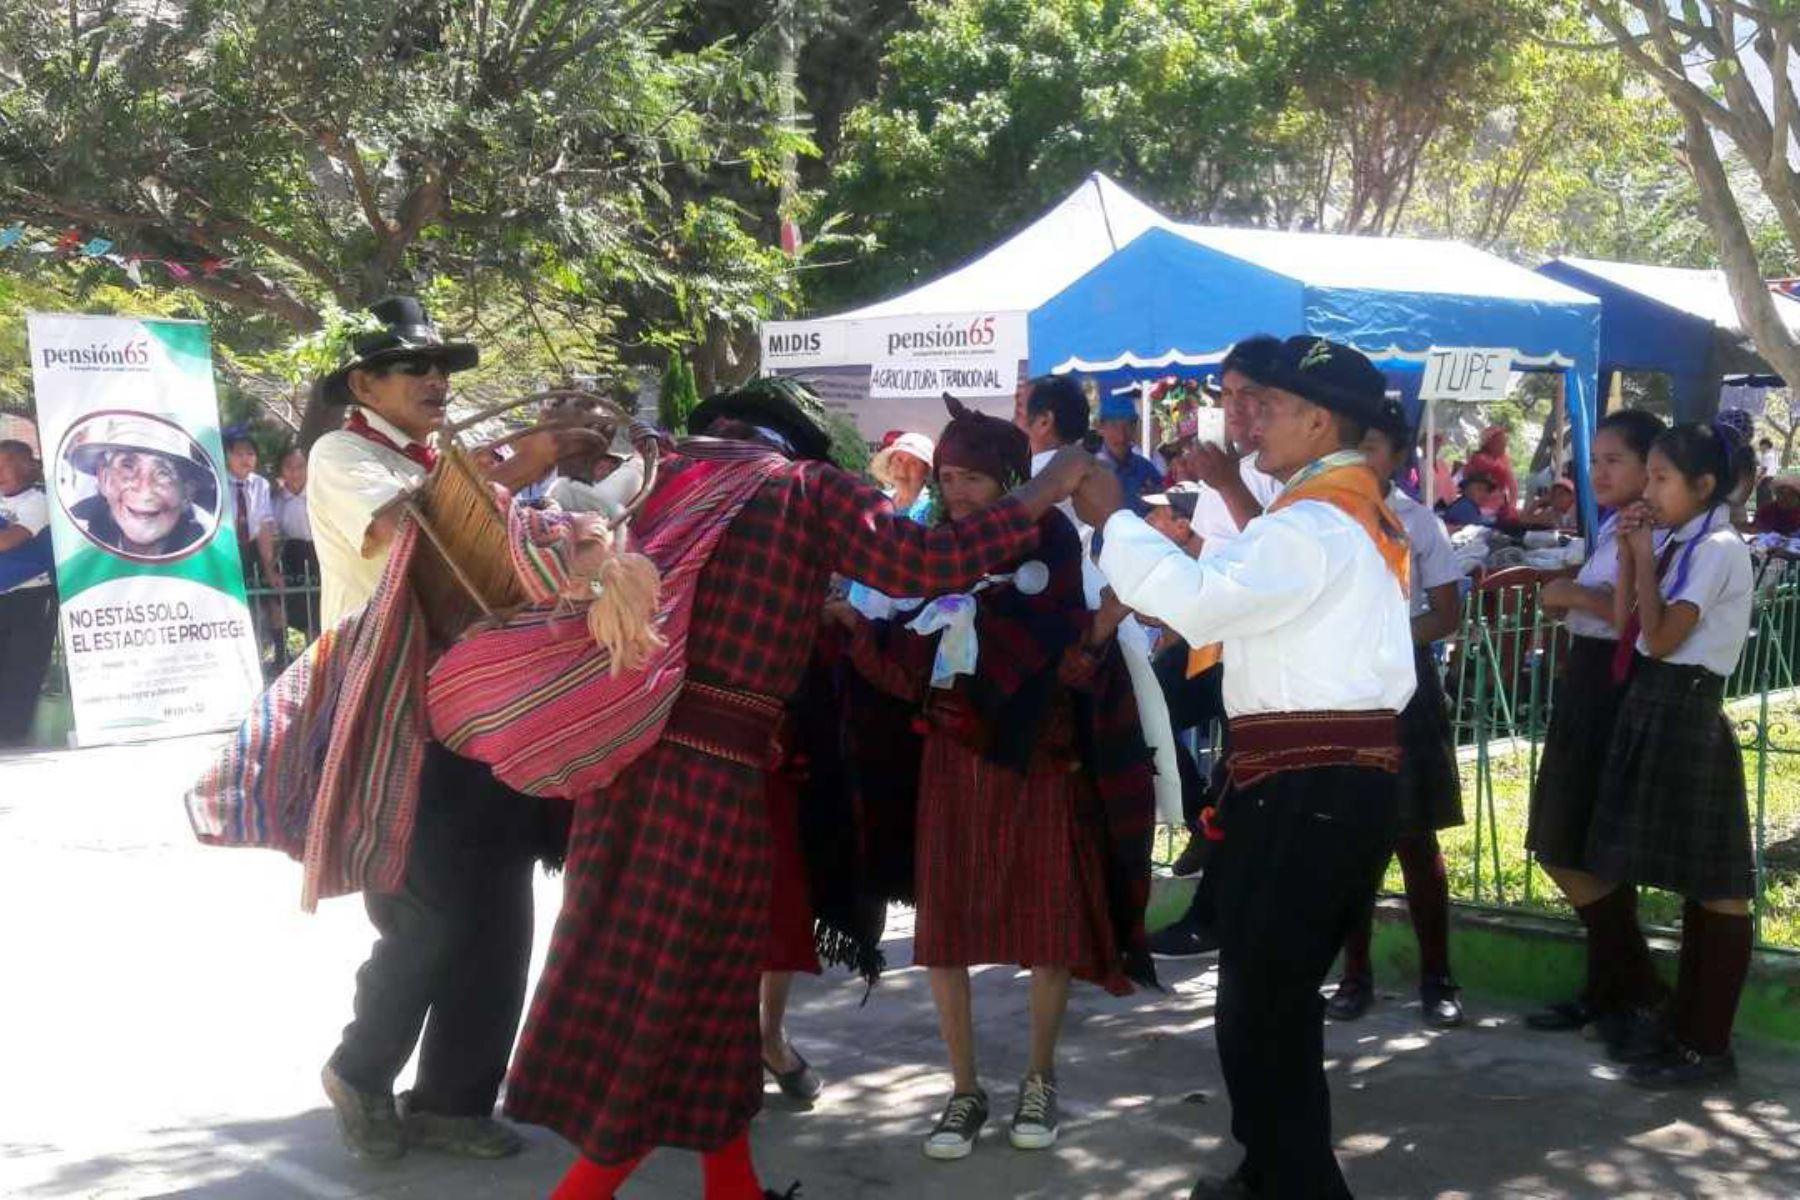 El cauqui, una lengua casi extinta que solo se habla en el pueblo de Cachuy, distrito de Catahuasi, en la provincia de Yauyos, región Lima, fue puesta en práctica por escolares y 25 usuarios del Programa Nacional de Asistencia Solidaria Pensión 65, convirtiéndose en la principal atracción del II Encuentro de Saberes Productivos Catahuasi 2018.